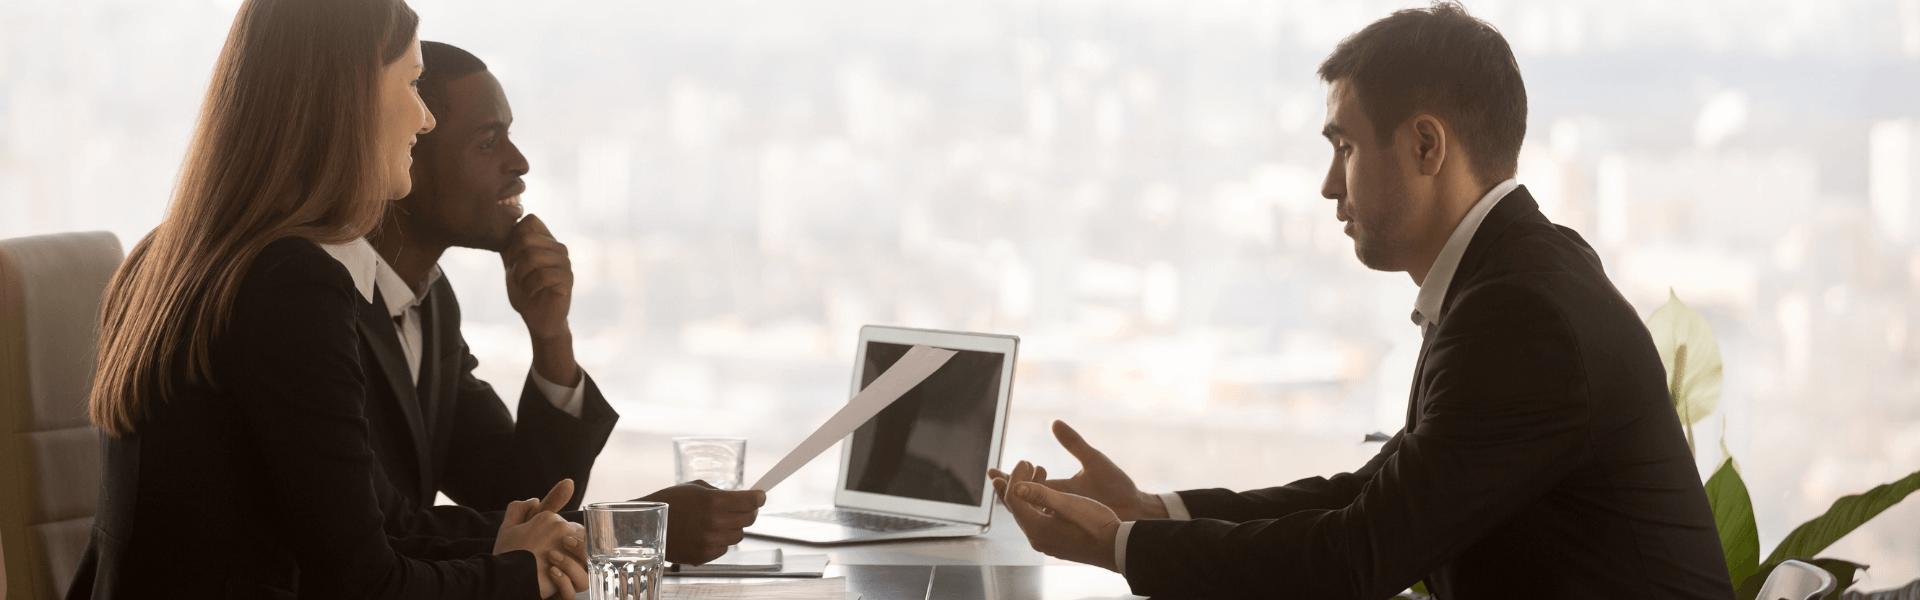 Curso gestion de recursos humanos online